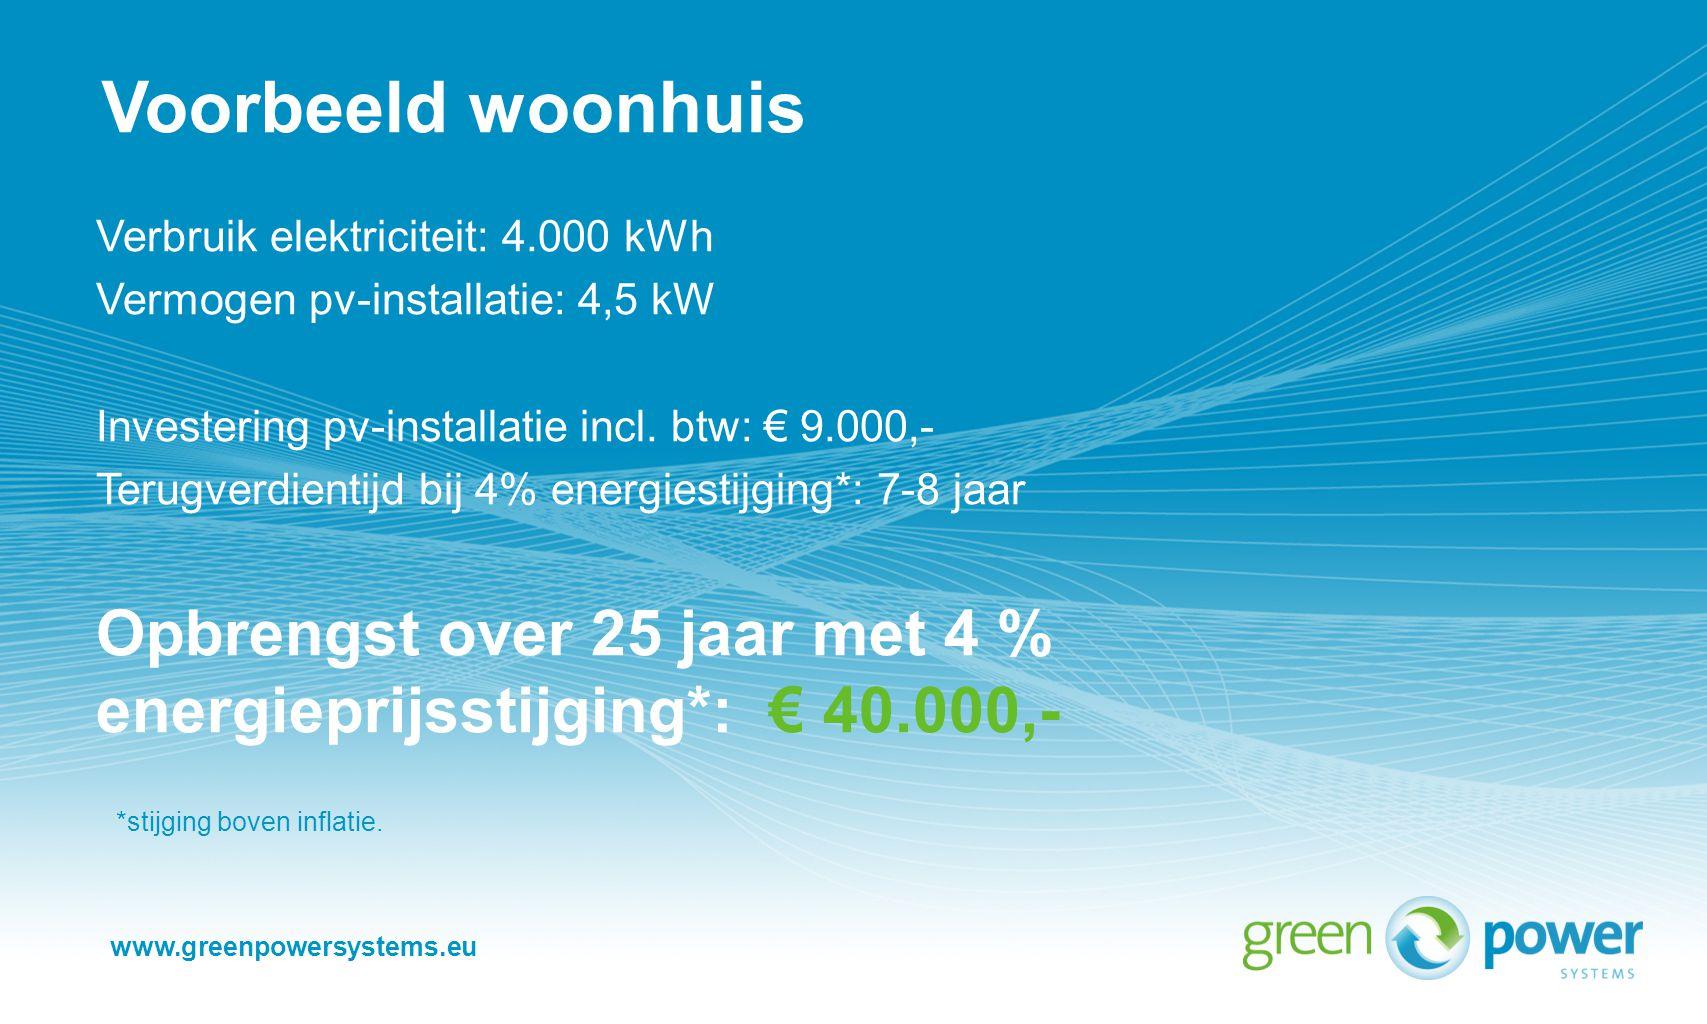 Voorbeeld woonhuis Verbruik elektriciteit: 4.000 kWh. Vermogen pv-installatie: 4,5 kW. Investering pv-installatie incl. btw: € 9.000,-